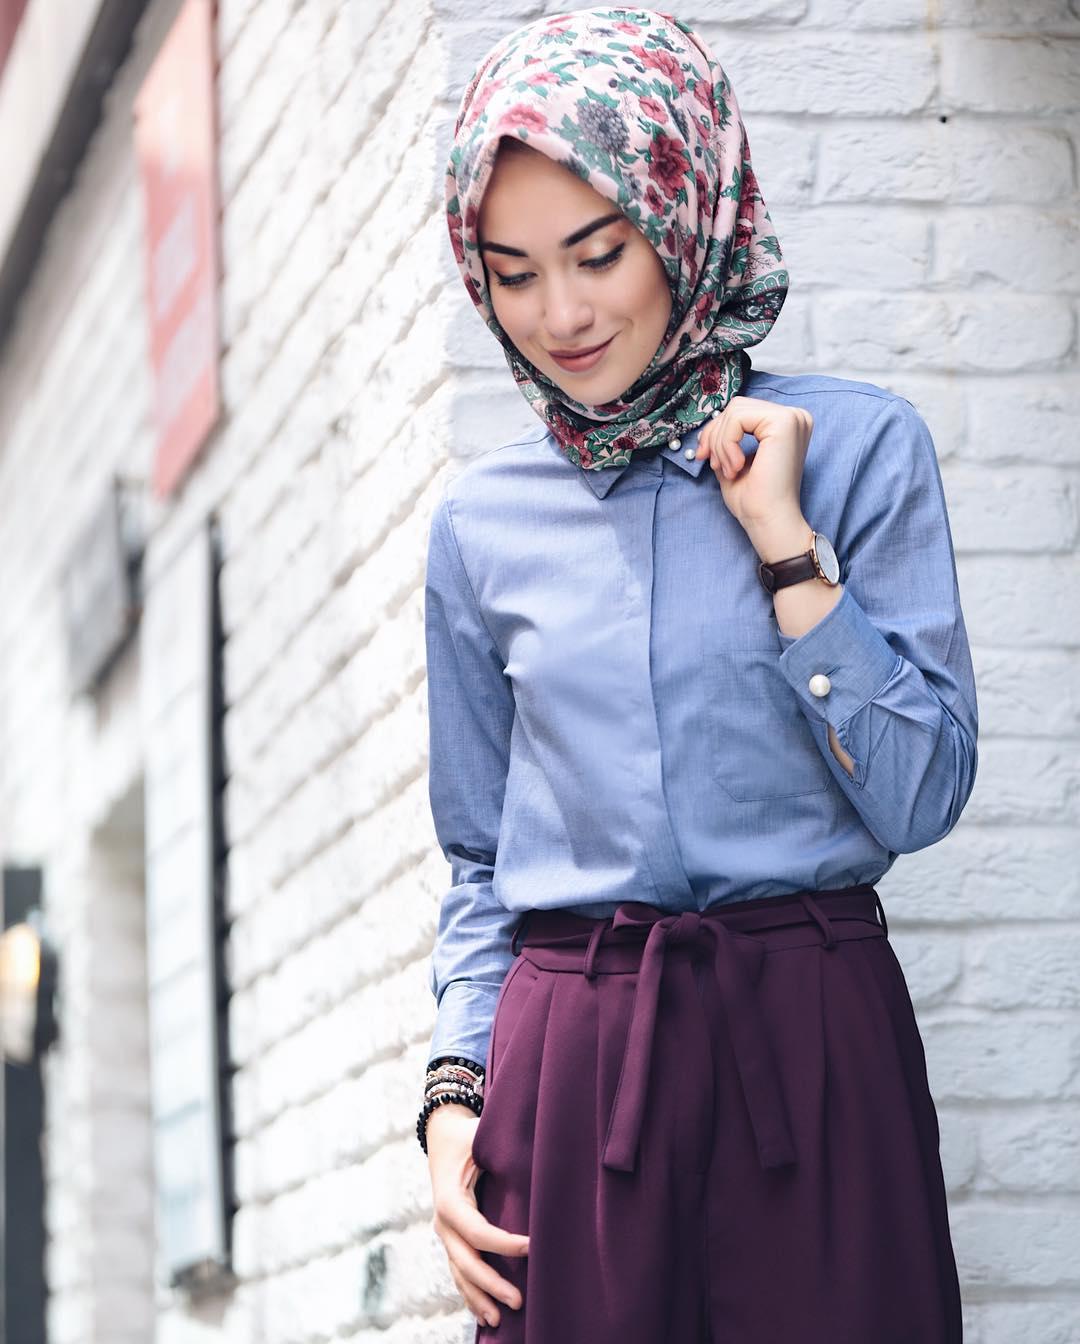 968e0f5726523 2018 Tesettür Giyim Modası Yaz Sezonu - Aktif Moda - Aktif Moda